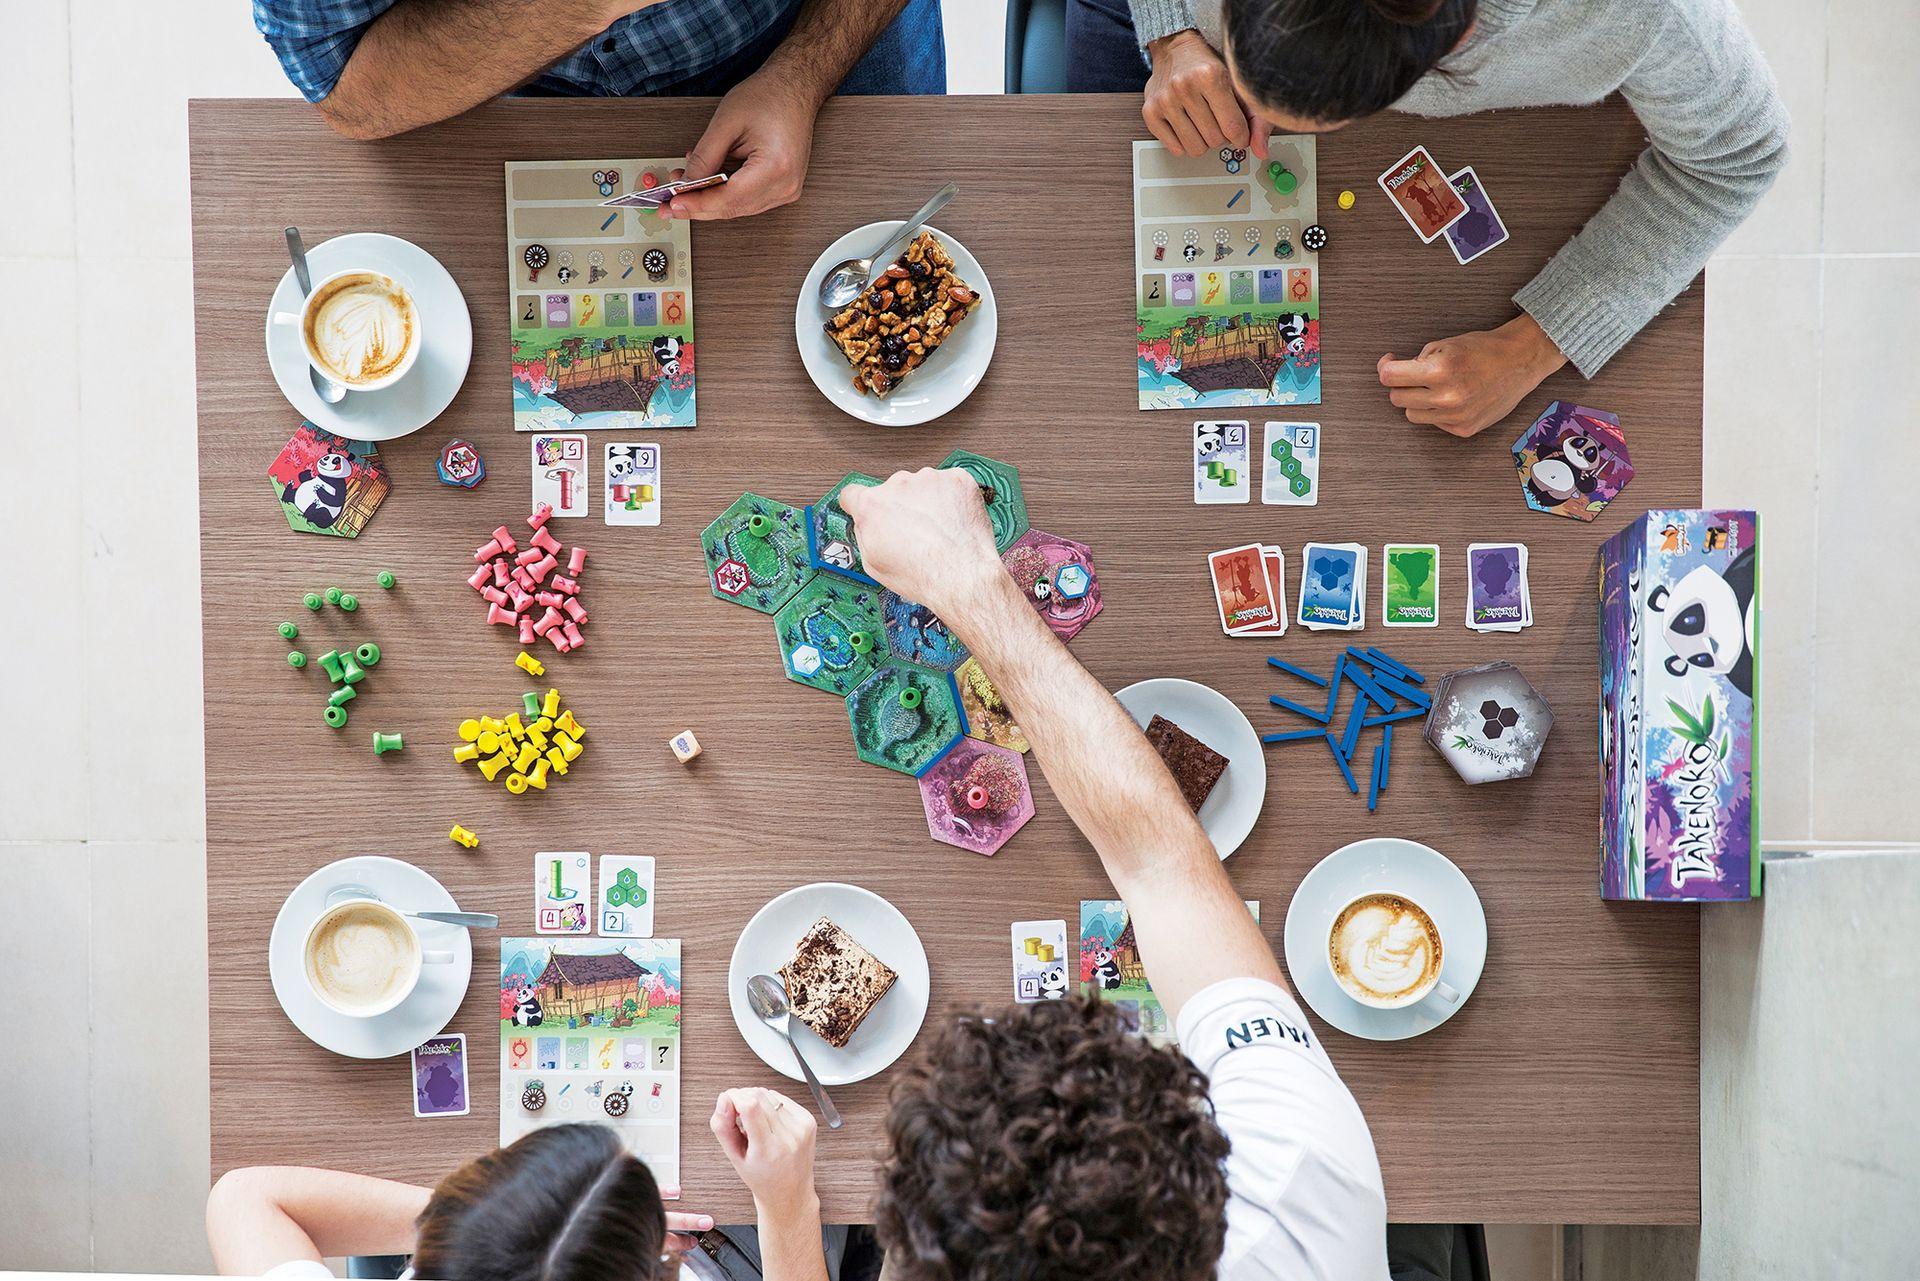 Gran alternativa para cumpleaños infantiles: se habla con los padres para determinar qué tipo de juegos son más apropiados para los chicos, y se arman mesas acordes, con una guía que ayuda con las reglas.